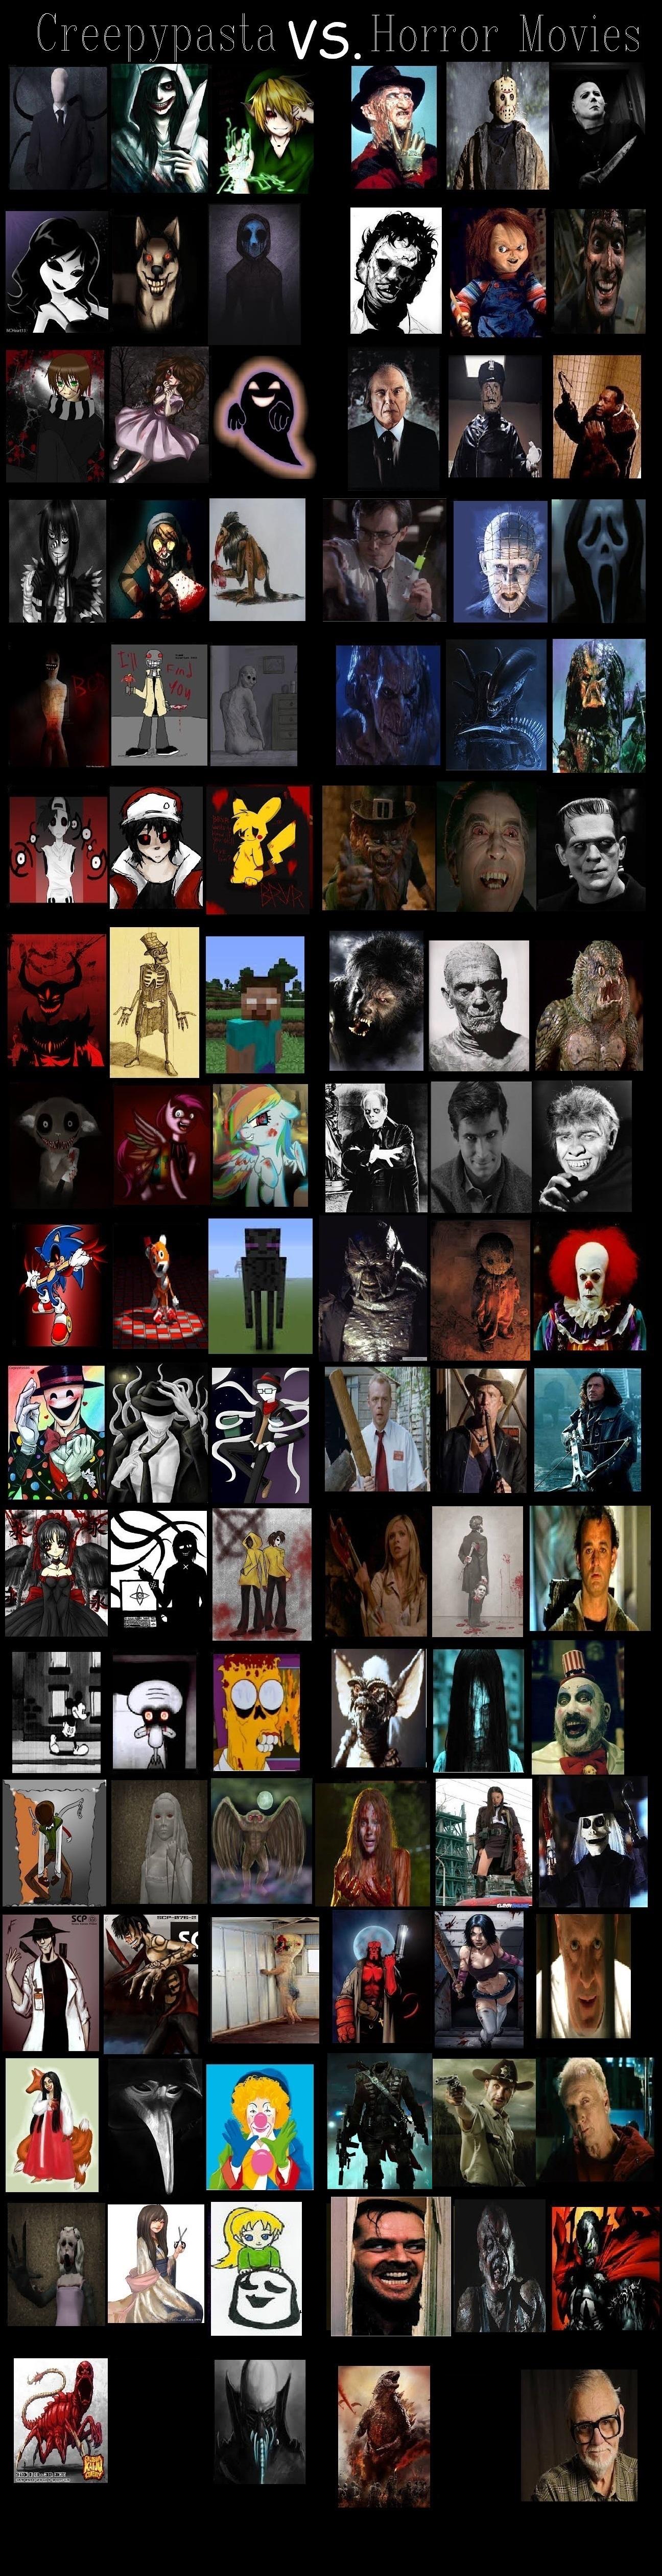 Creepypasta vs  Horror Movies: My Version by MaxGomora1247 on DeviantArt